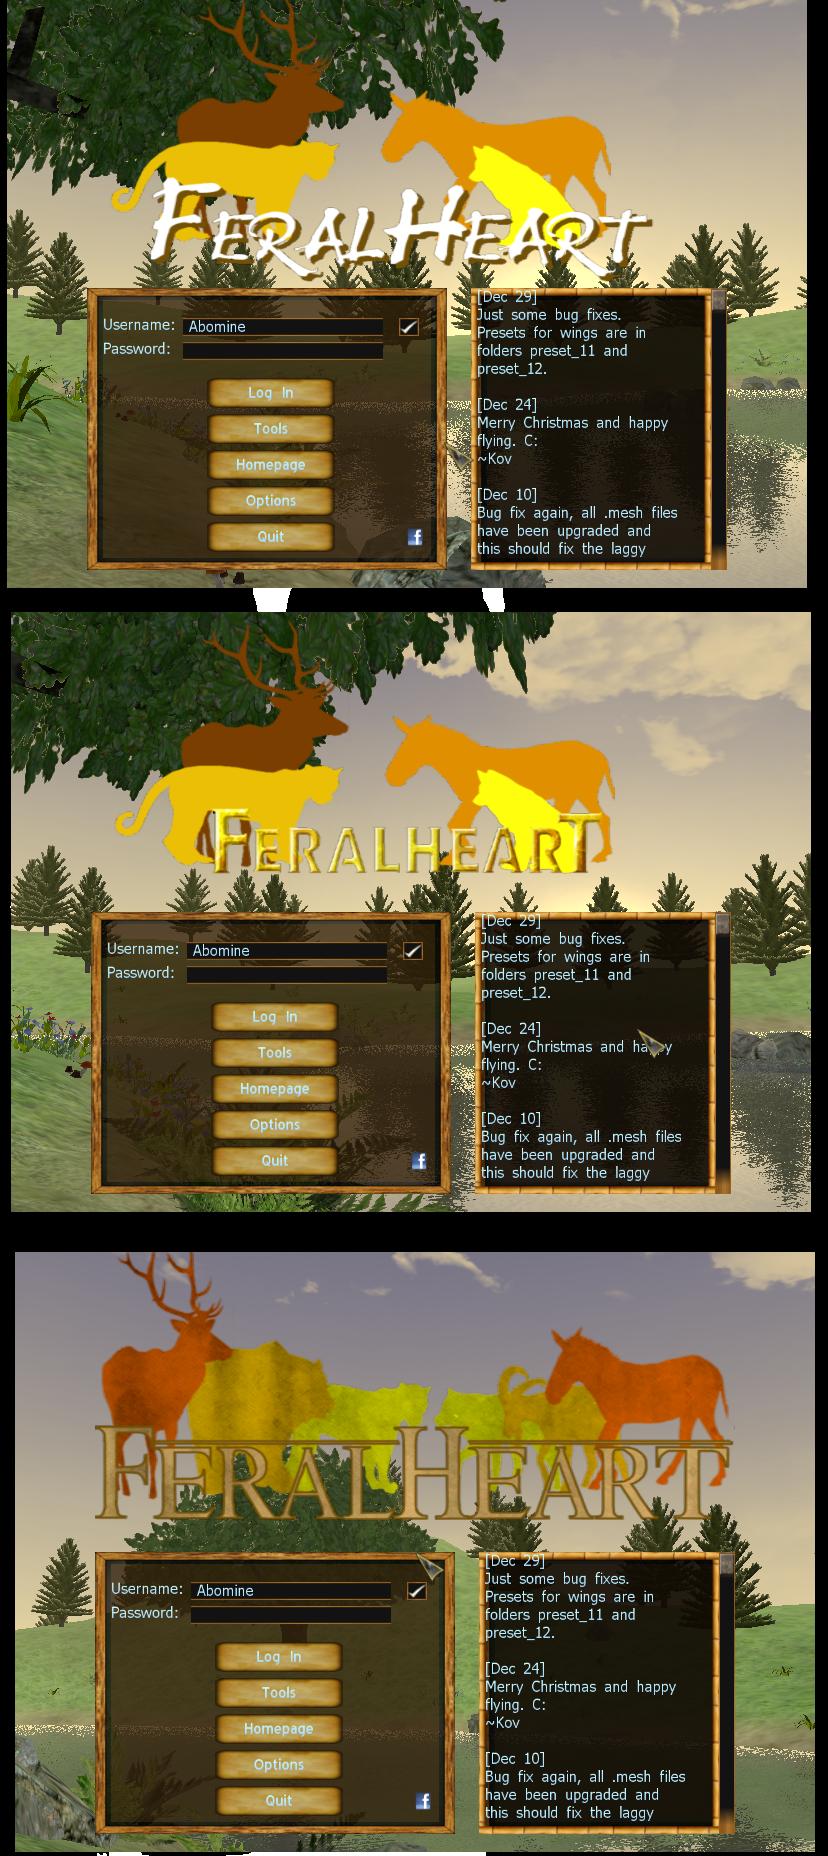 Feral Heart: FeralHeart 'All Creatures' Mod By Littlemisshufflepuff On